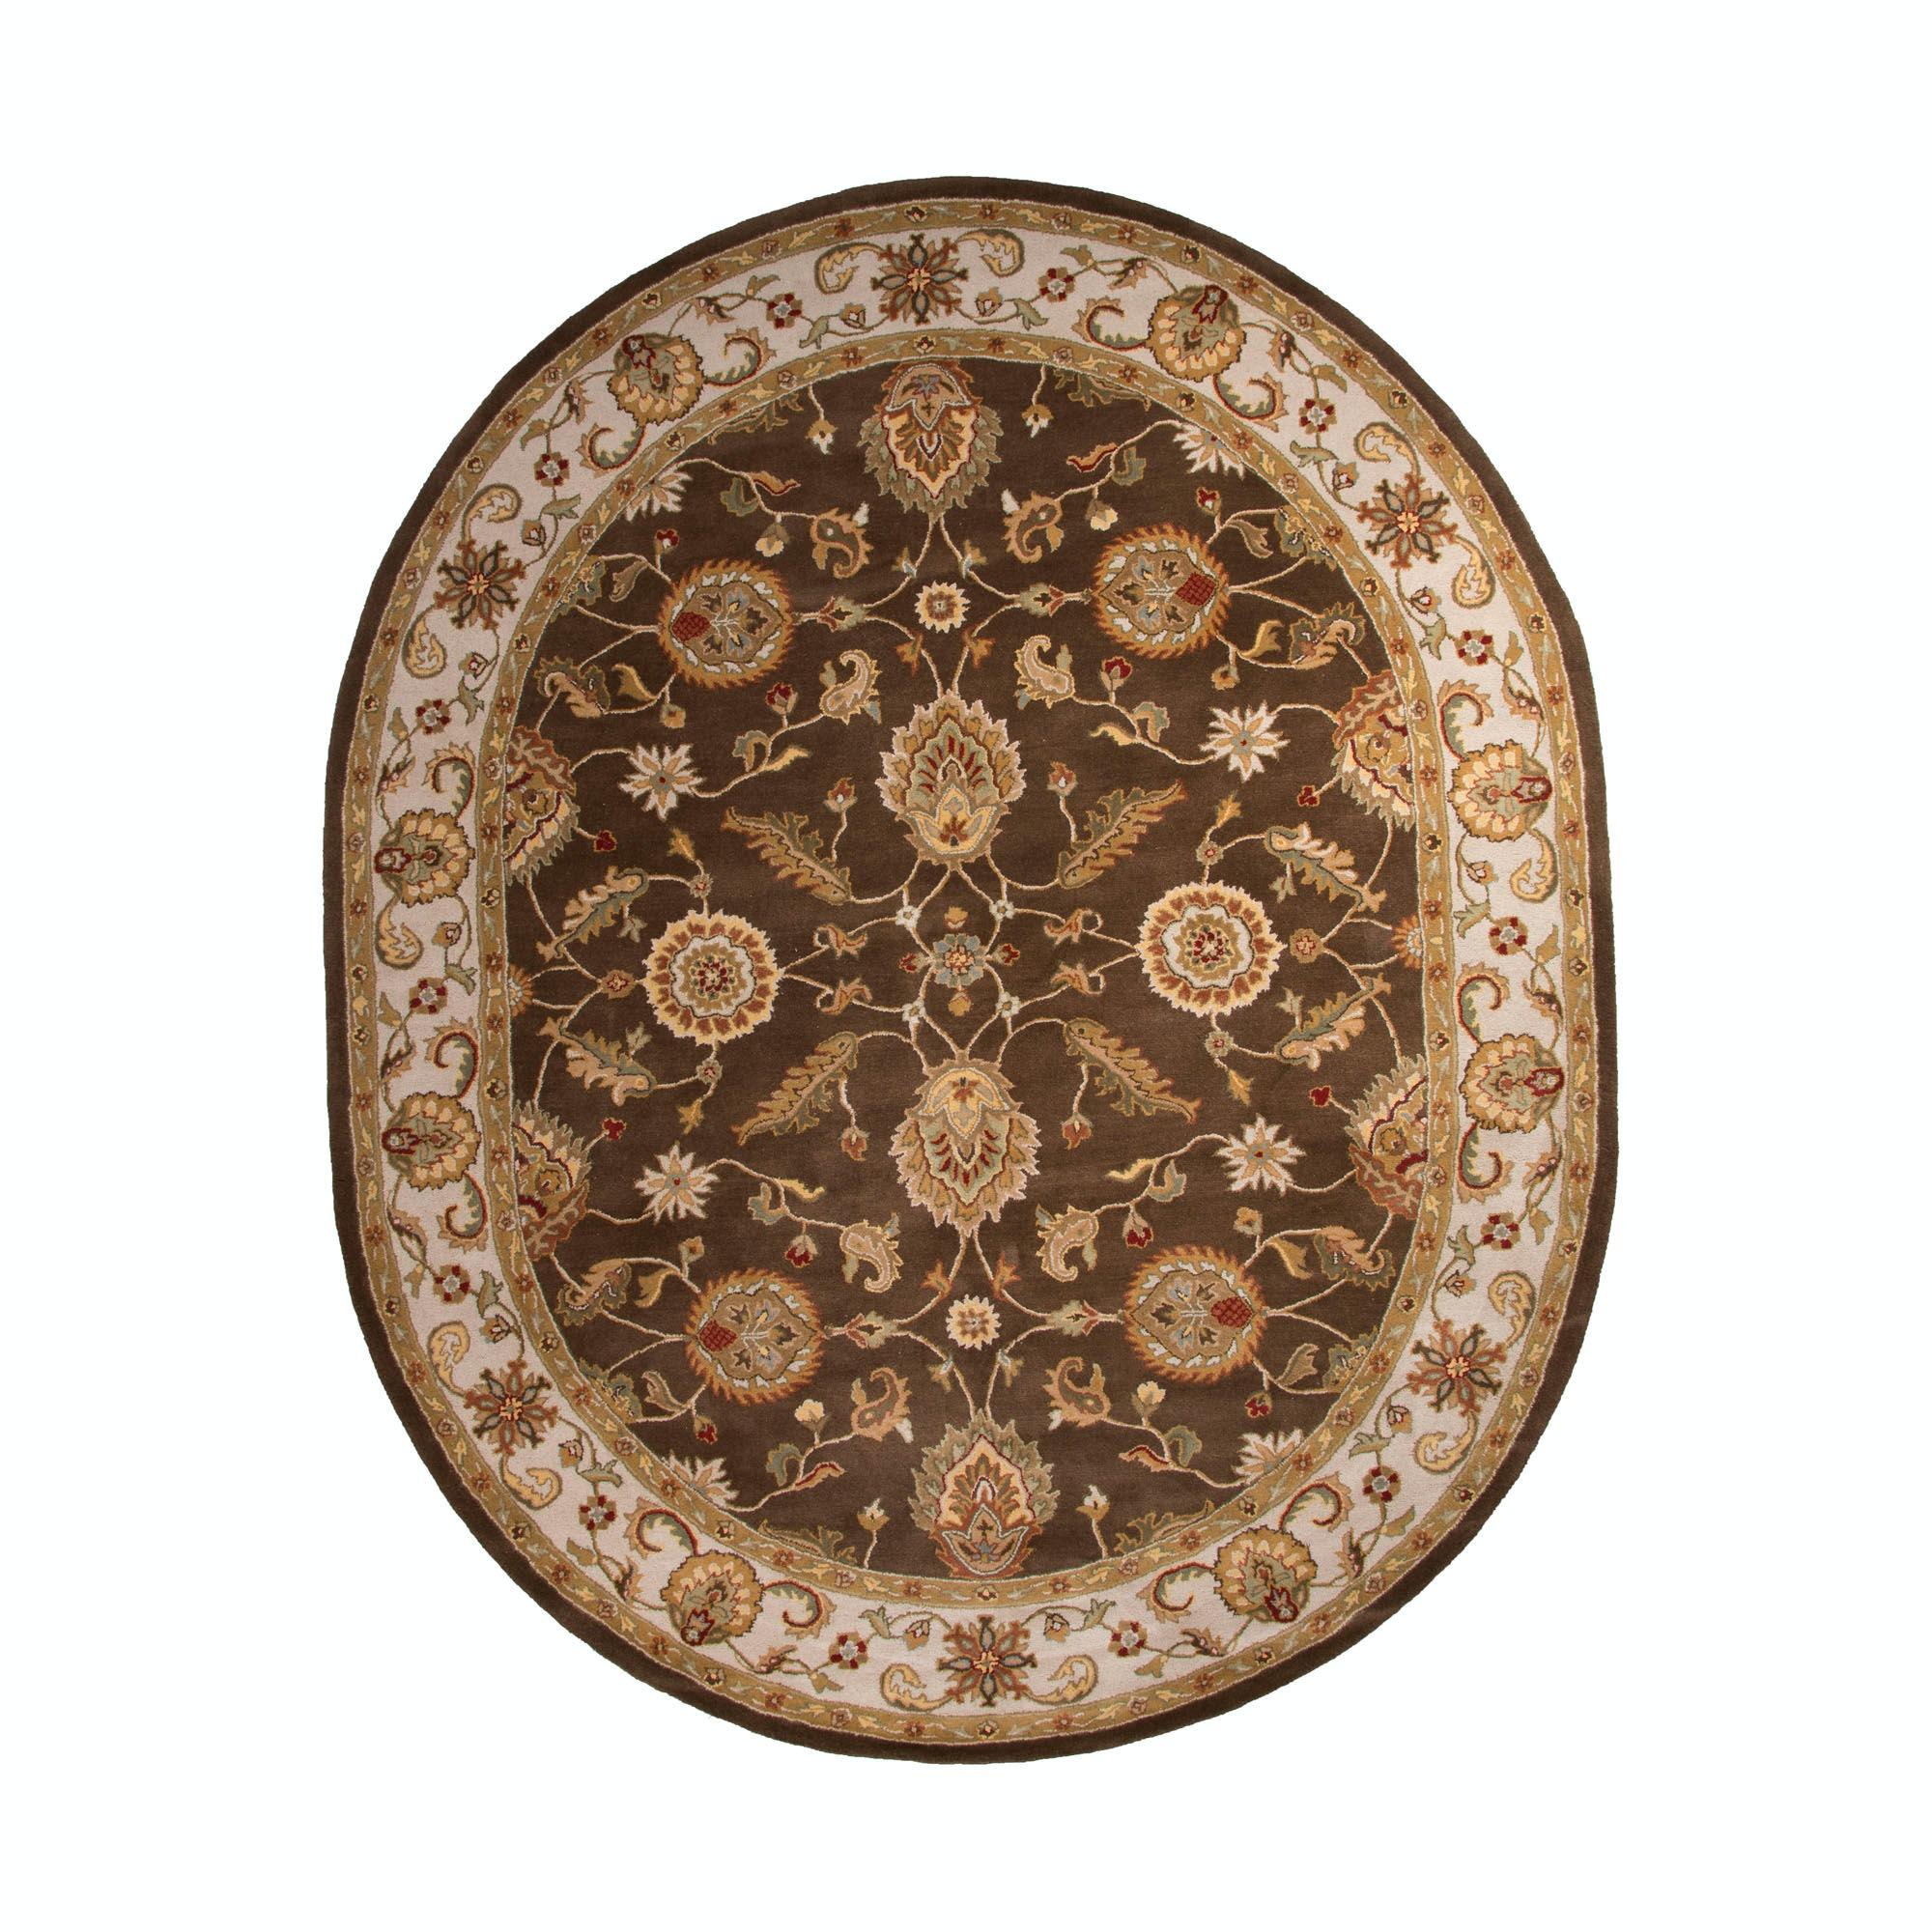 Jaipur Rugs Floor Coverings Hand Tufted Oriental Pattern Wool Brown